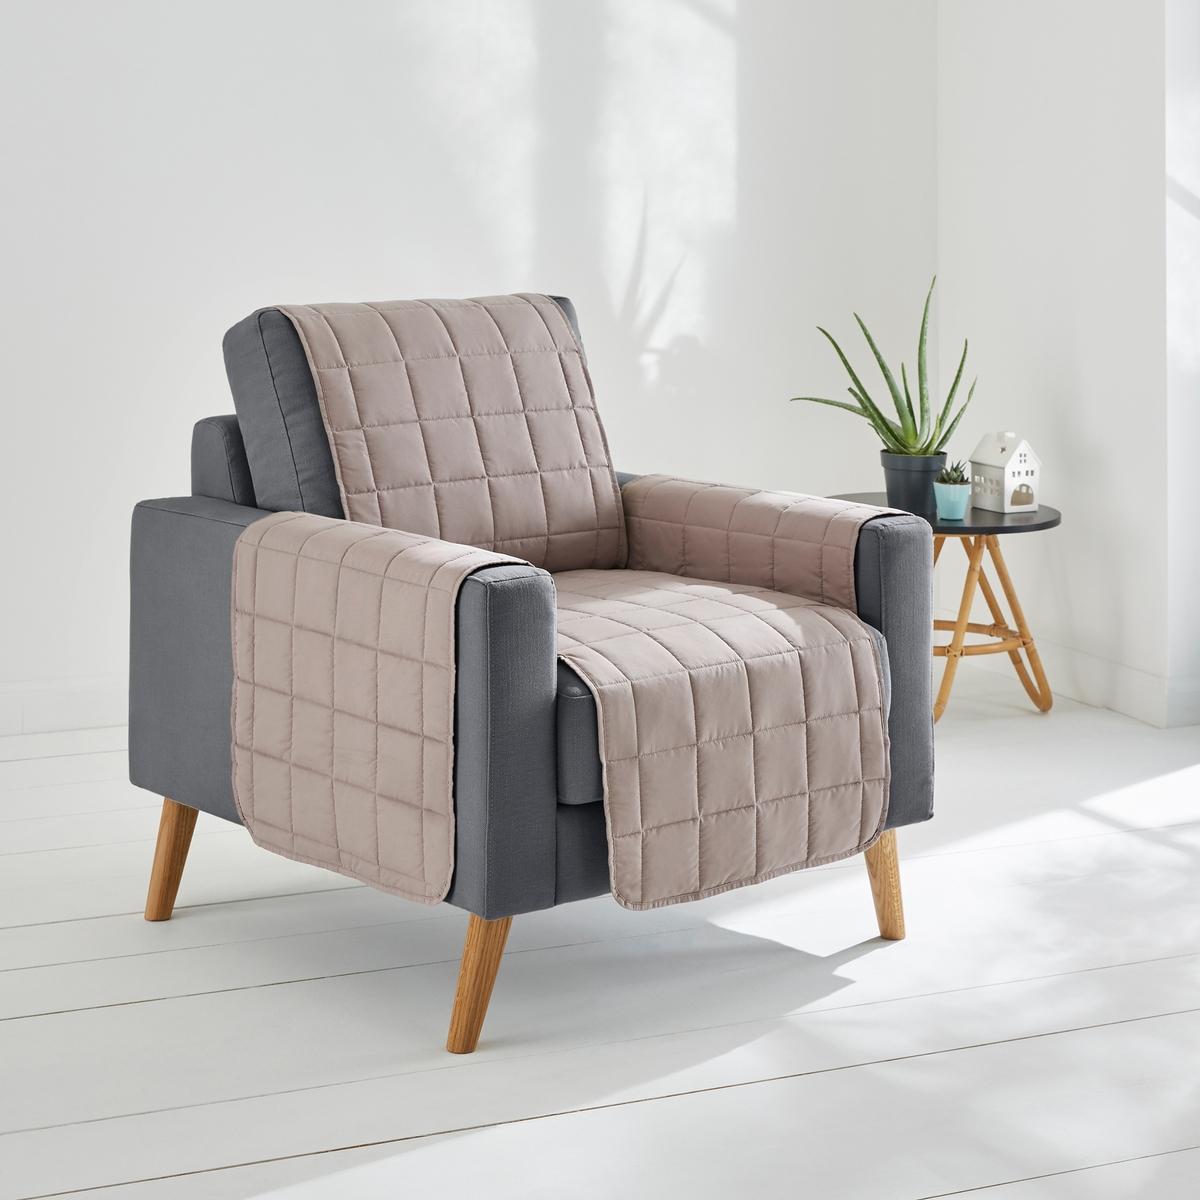 Чехол защитный для кресла или дивана, Onelus